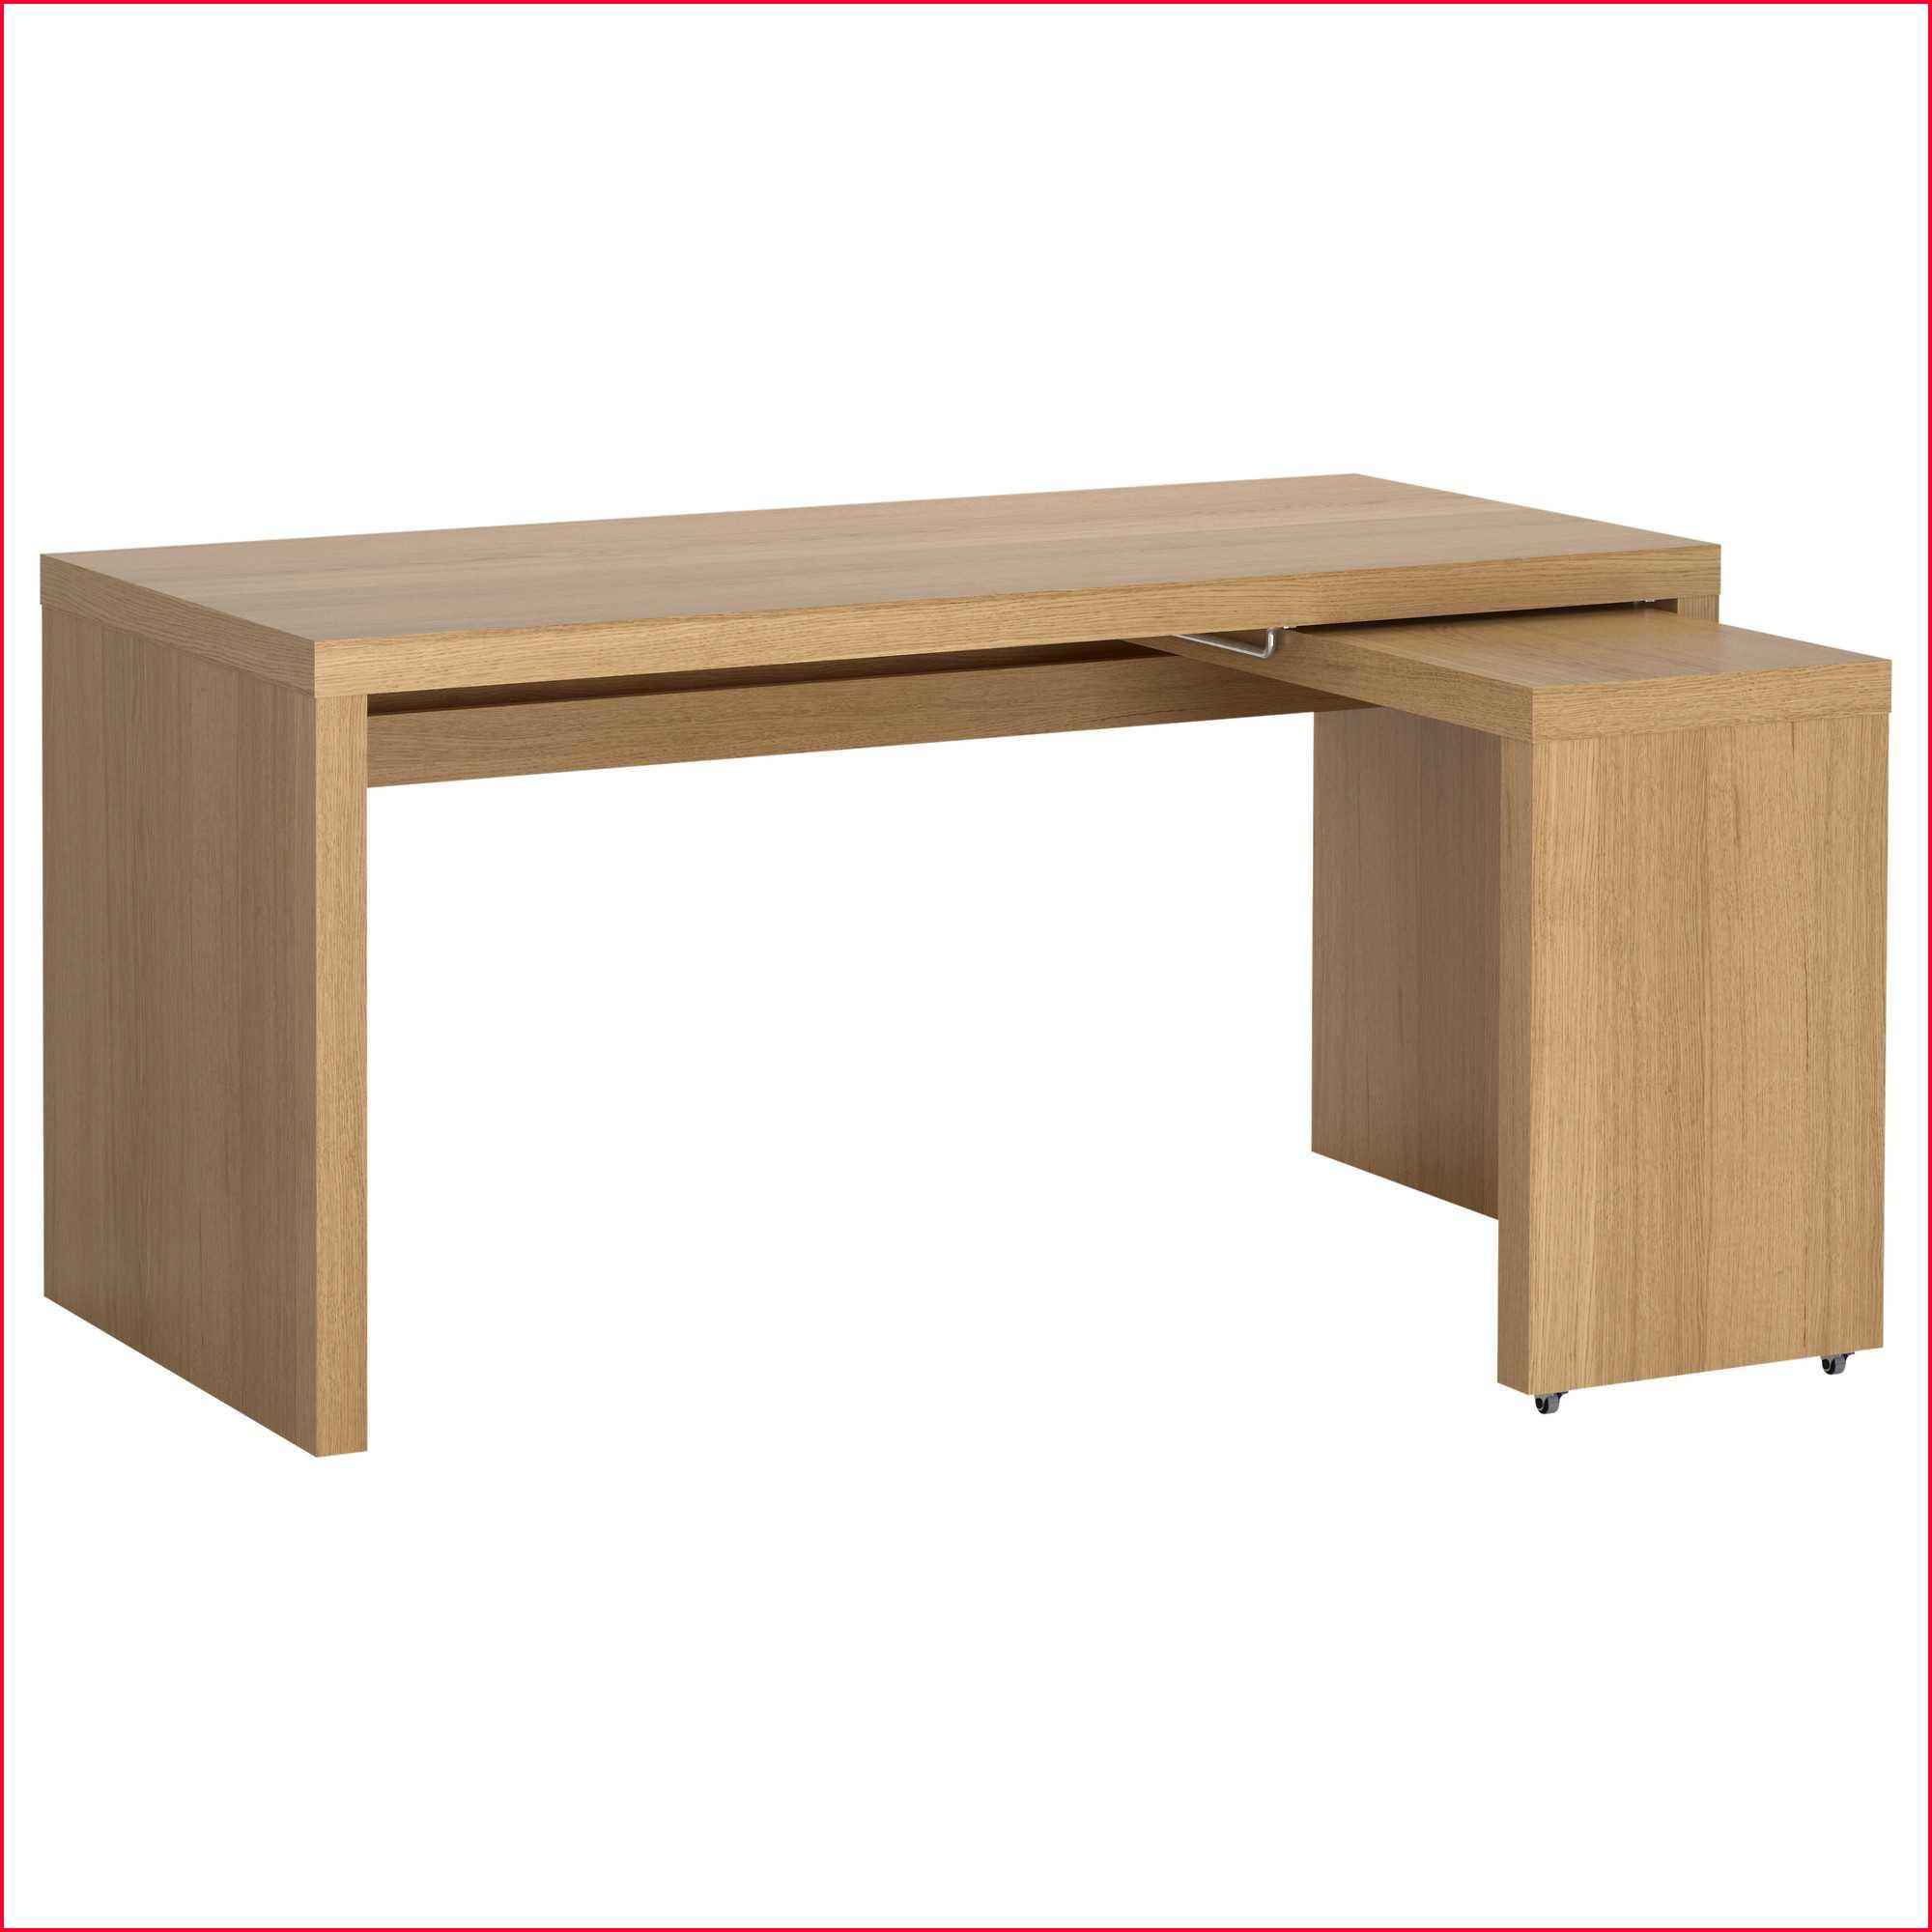 Mesas Despacho Ikea S5d8 Mesa Despacho Ikea Mesa Para Escritorio Beautiful Mesas De